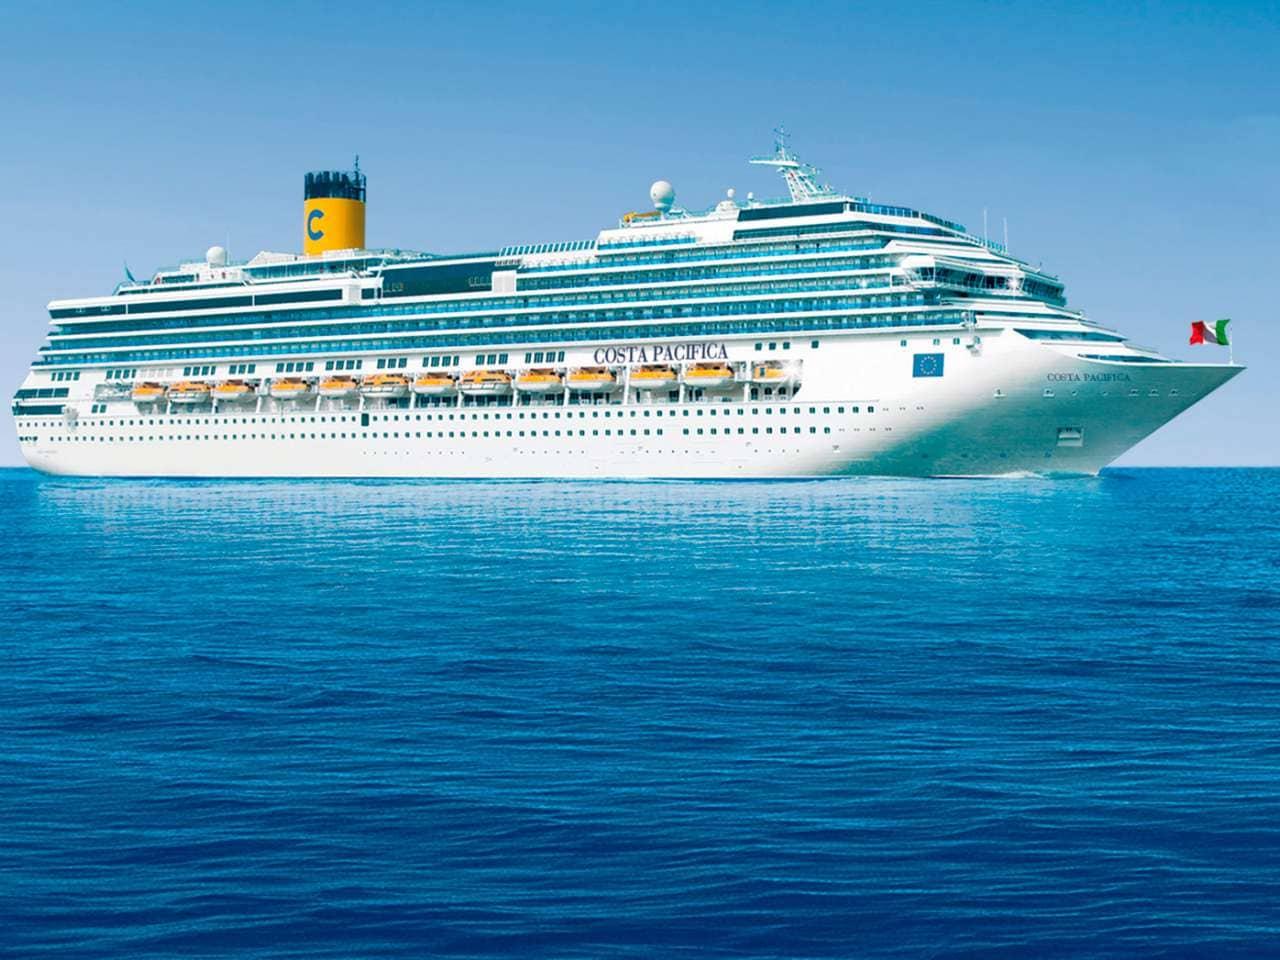 MSC croisières : Quel est le confort à bord ?